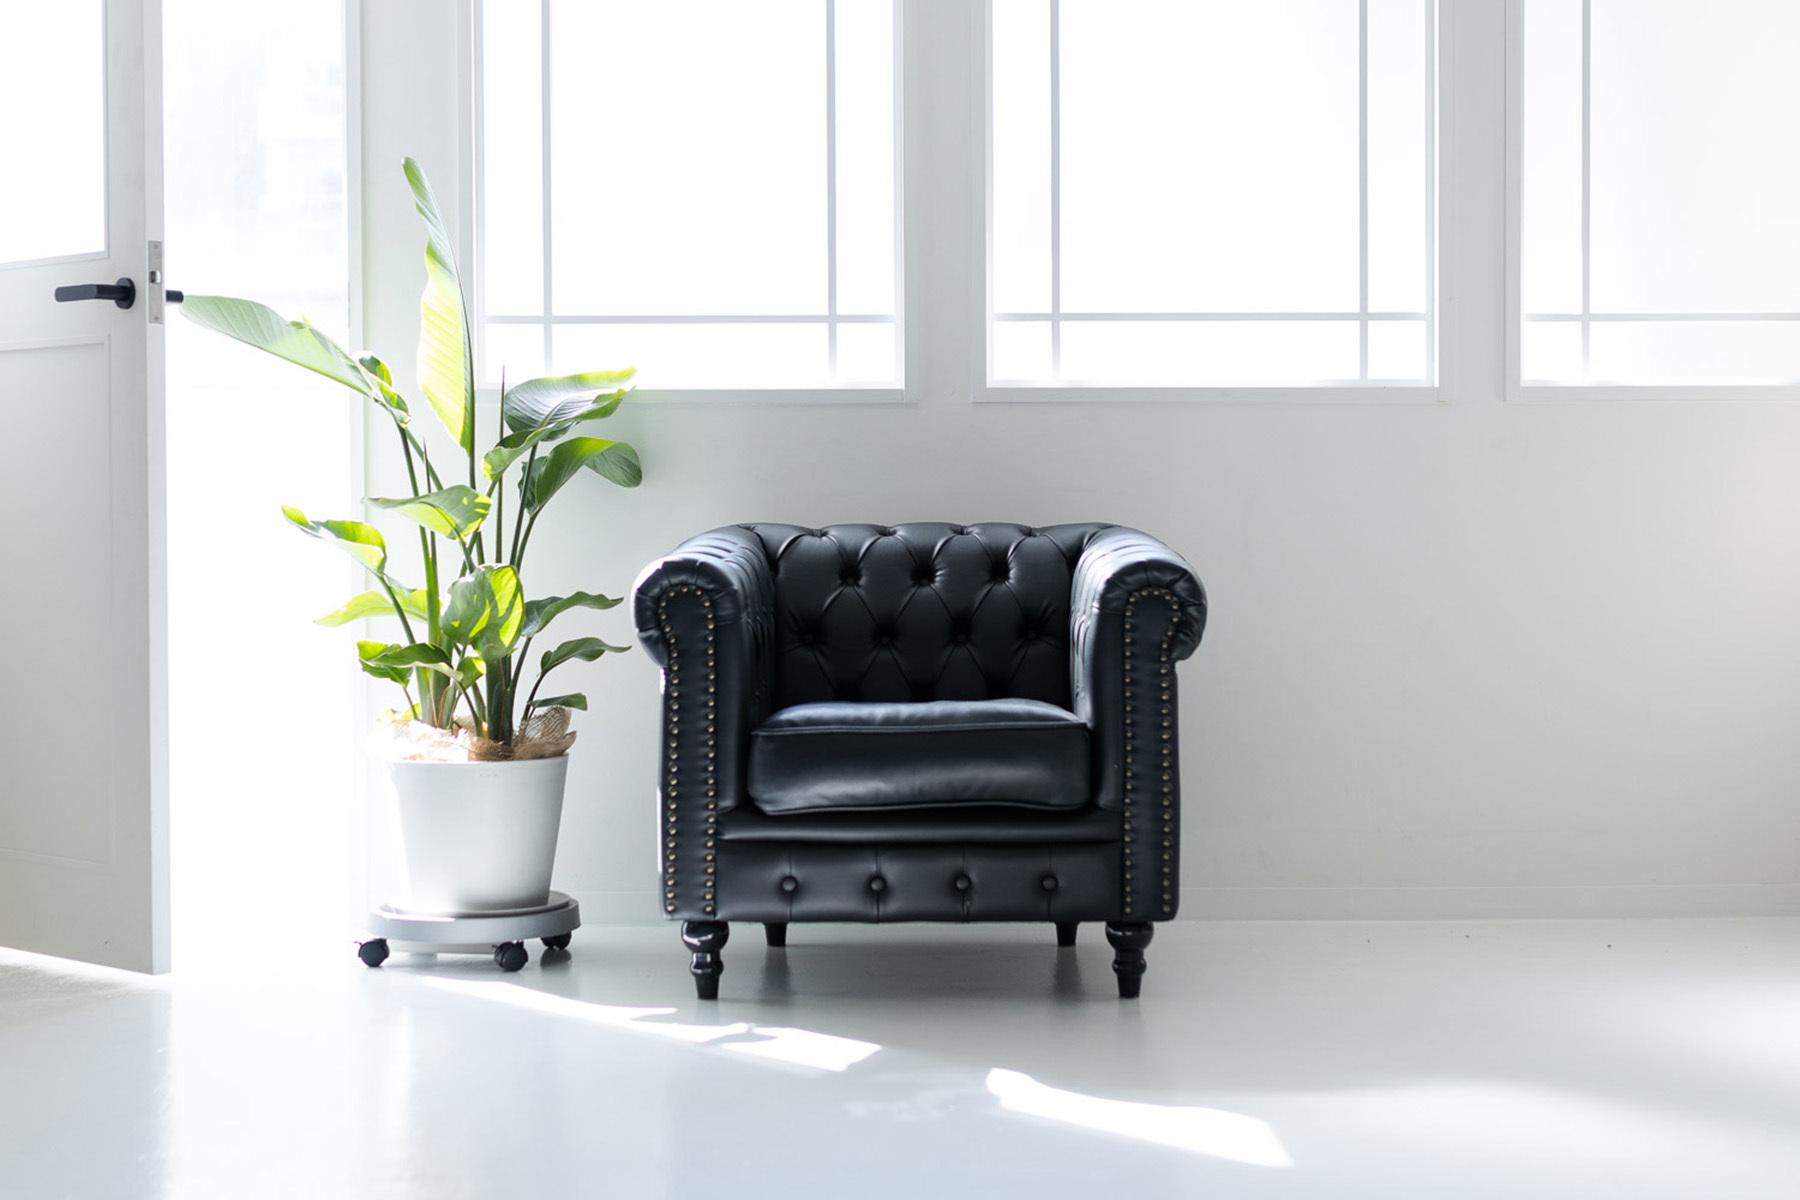 STUDIO FOXTAIL Ast (スタジオ フォックステイル Ast)引きも十分な奥行11mの広い空間